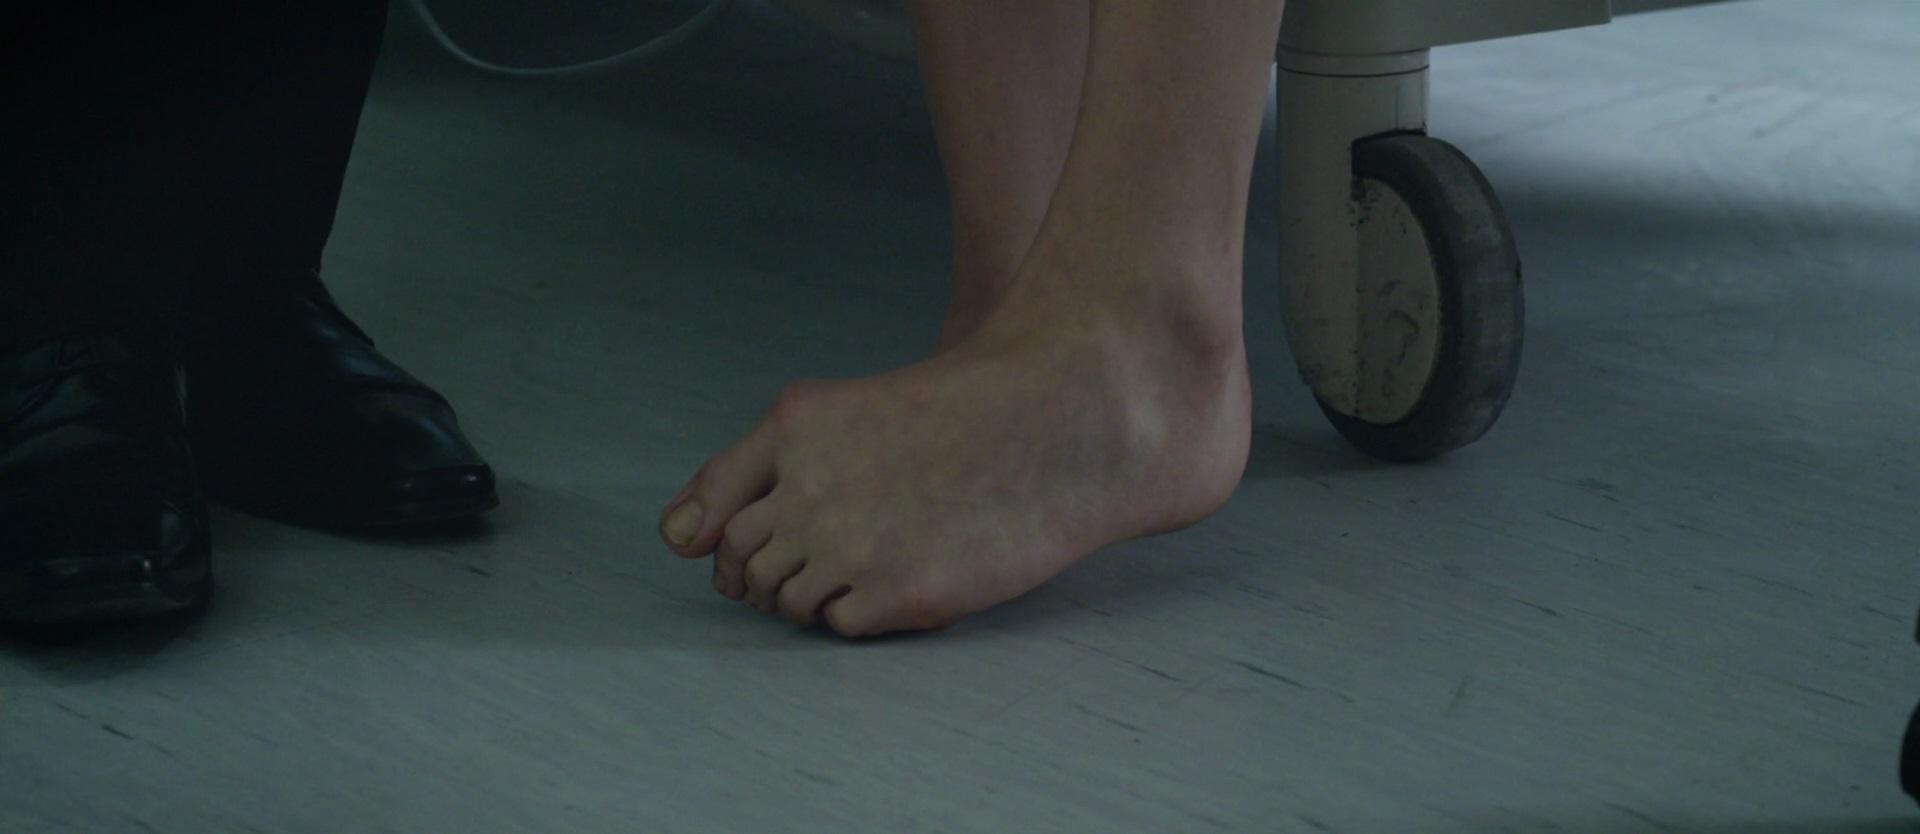 chloe grace moretz feet wikifeet